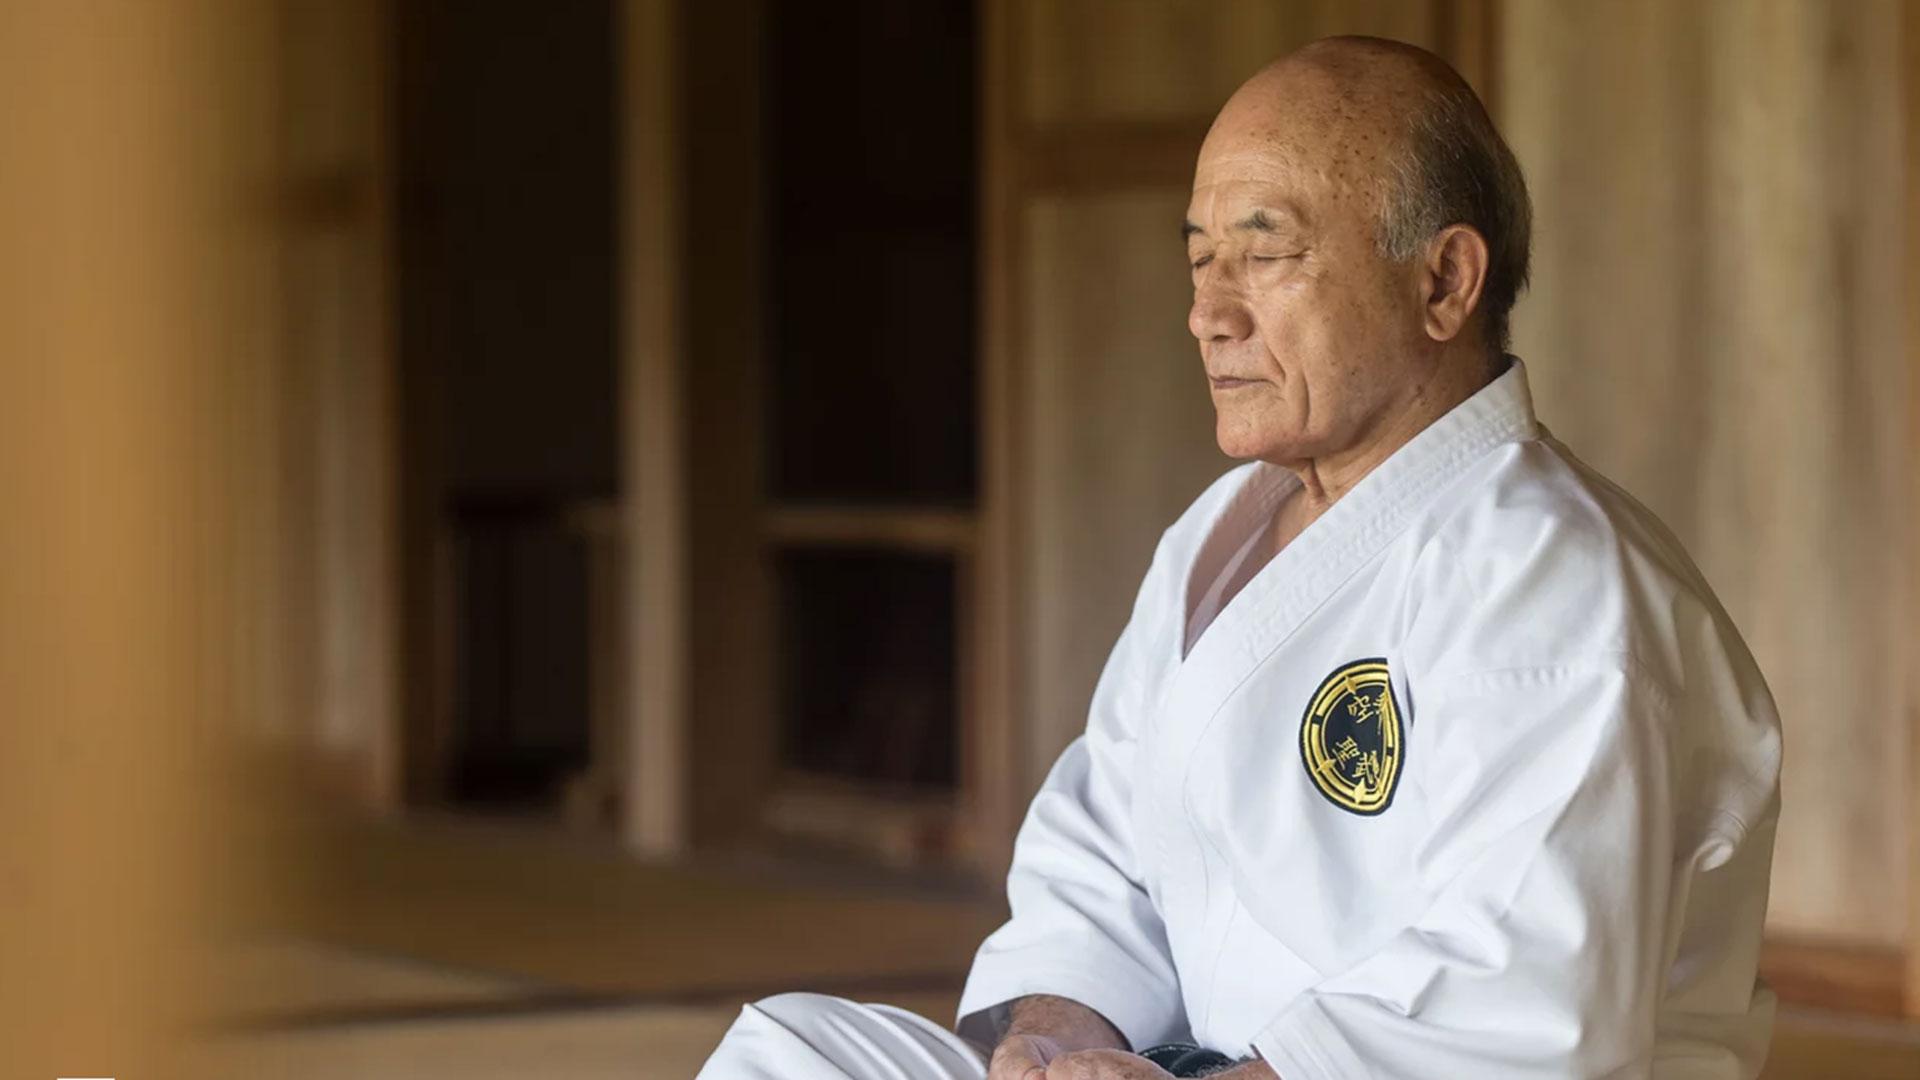 Okinawa Grand Master